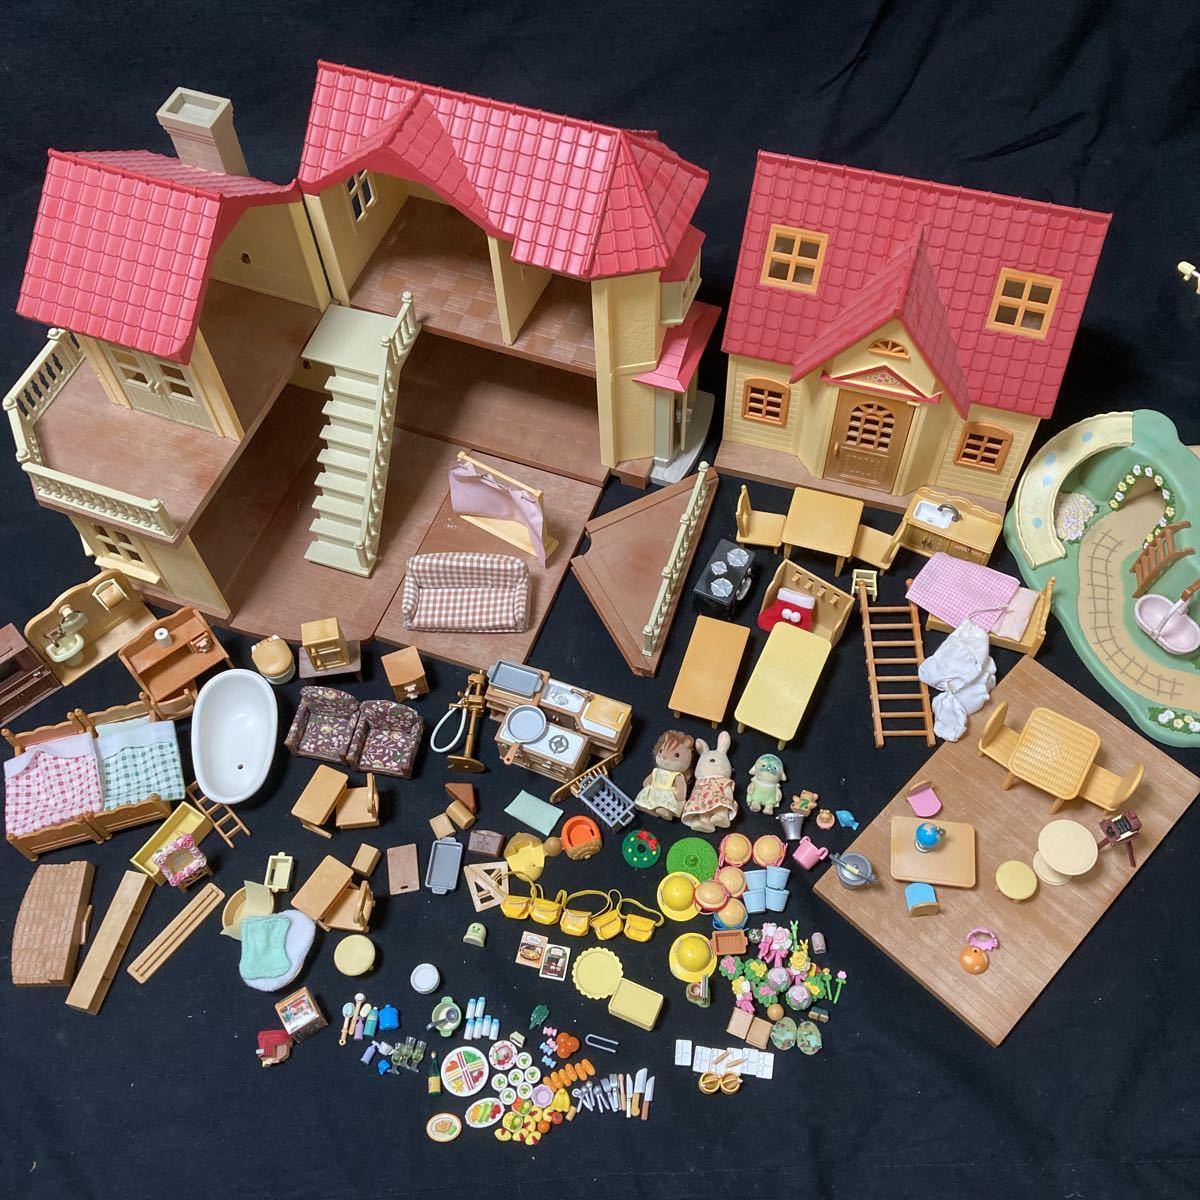 シルバニアファミリー あかりの灯る大きなお家 (ジャンク品)気球の丘で遊ぼう 幼稚園 家具 小物 欠品あり まとめて